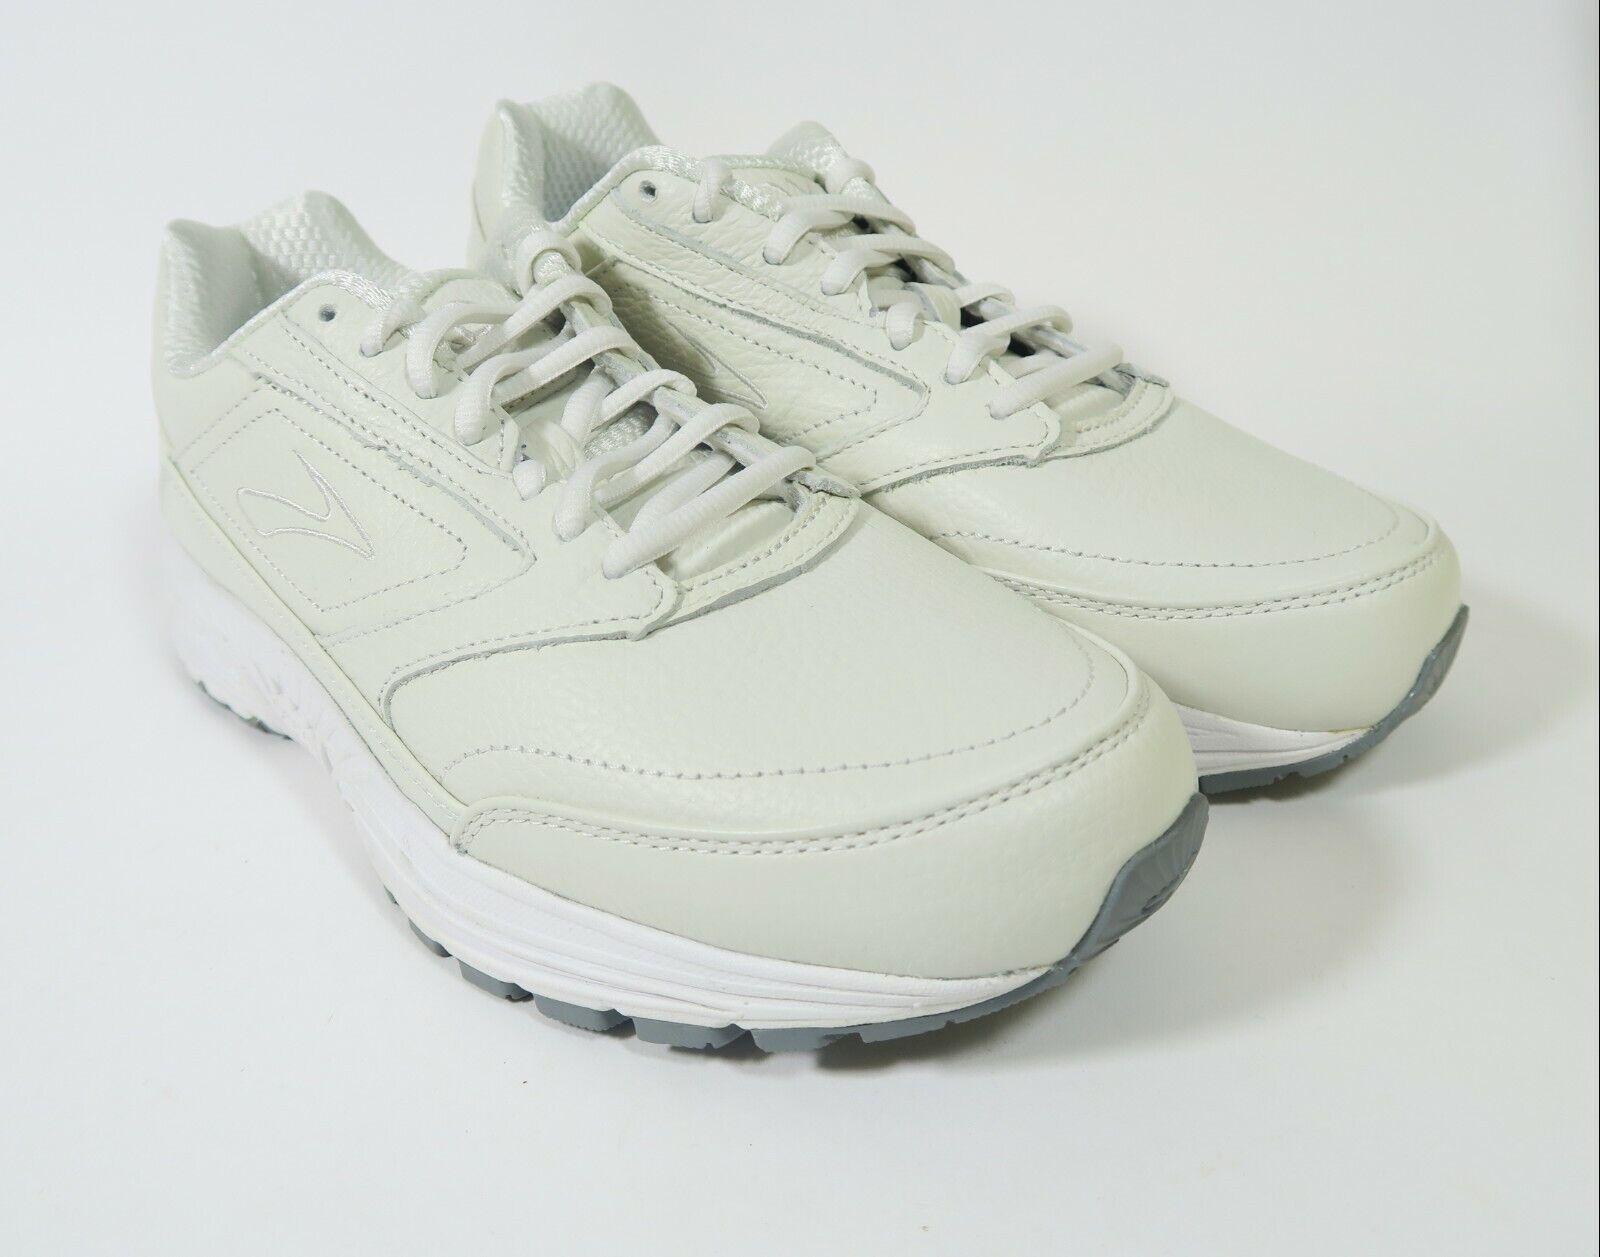 Zapatos para Caminar Brooks Dyad Walker-Neutro blancoo - 6200471D111 6200471D111 6200471D111 Multi Tamaño  artículos de promoción